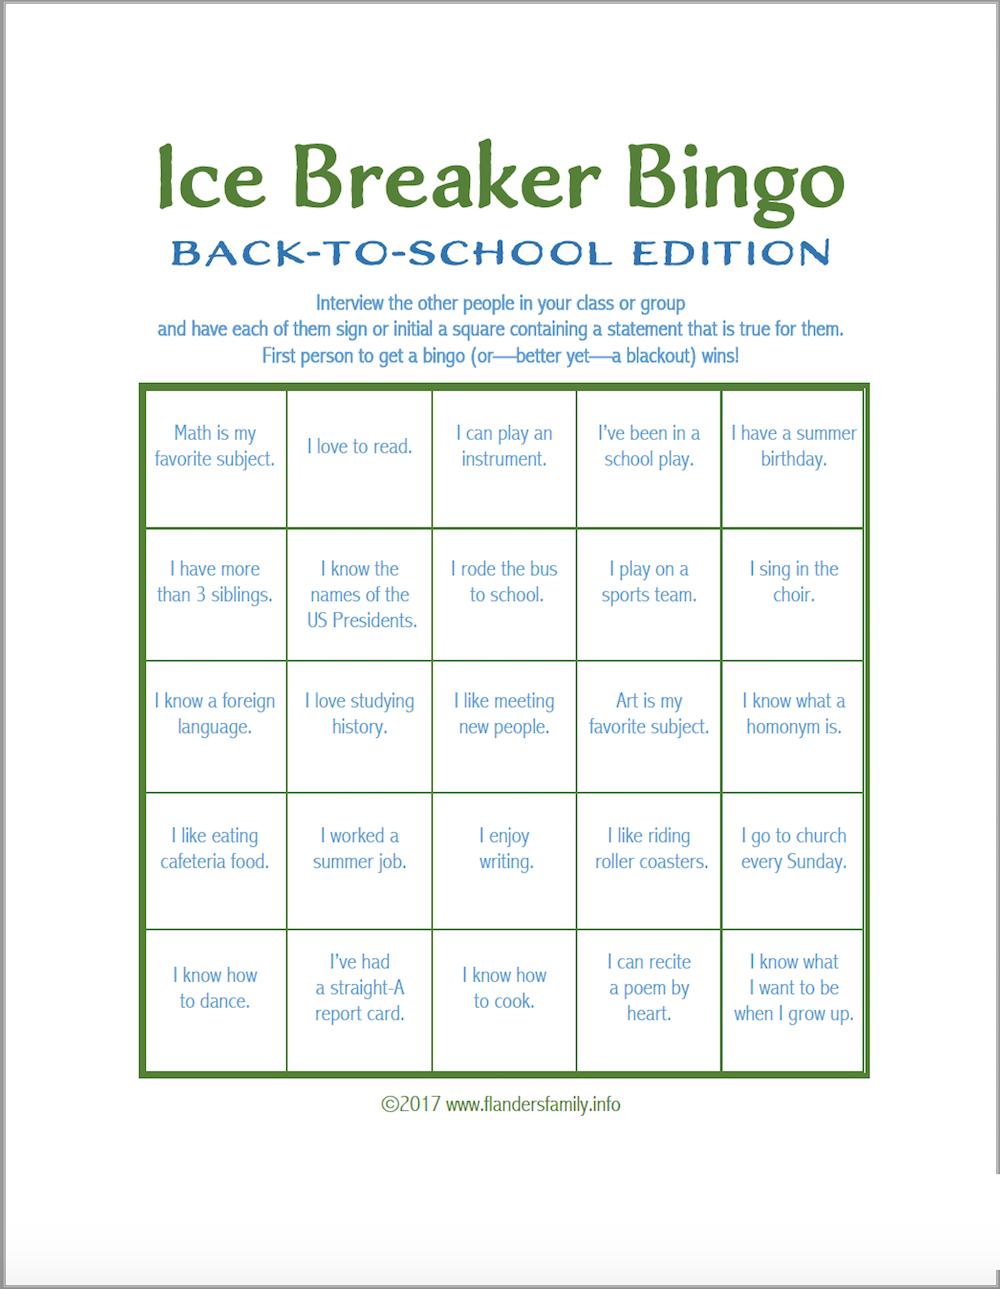 Ice Breaker Bingo: Back-To-School Version - Flanders Family inside Ice Breaker Bingo Card Template